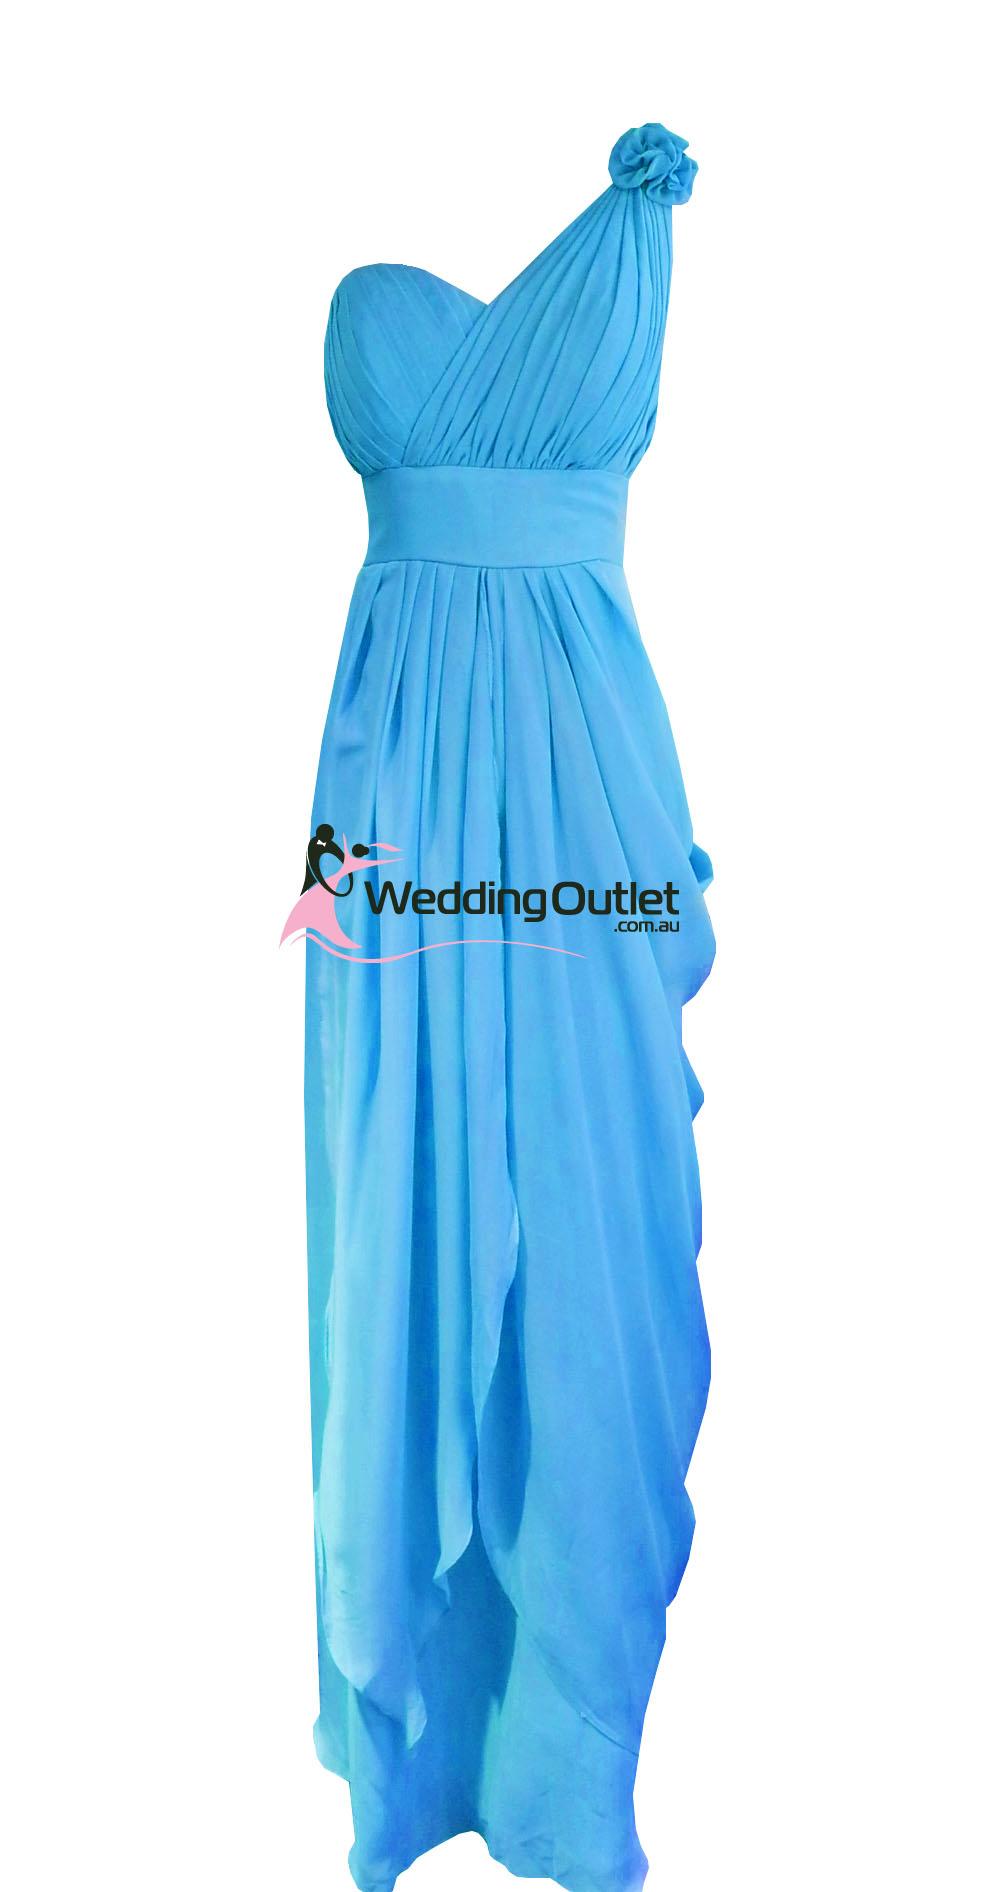 Dodger blue bridesmaid dresses style c101 weddingoutlet dodger blue bridesmaid dresses style c101 ombrellifo Images